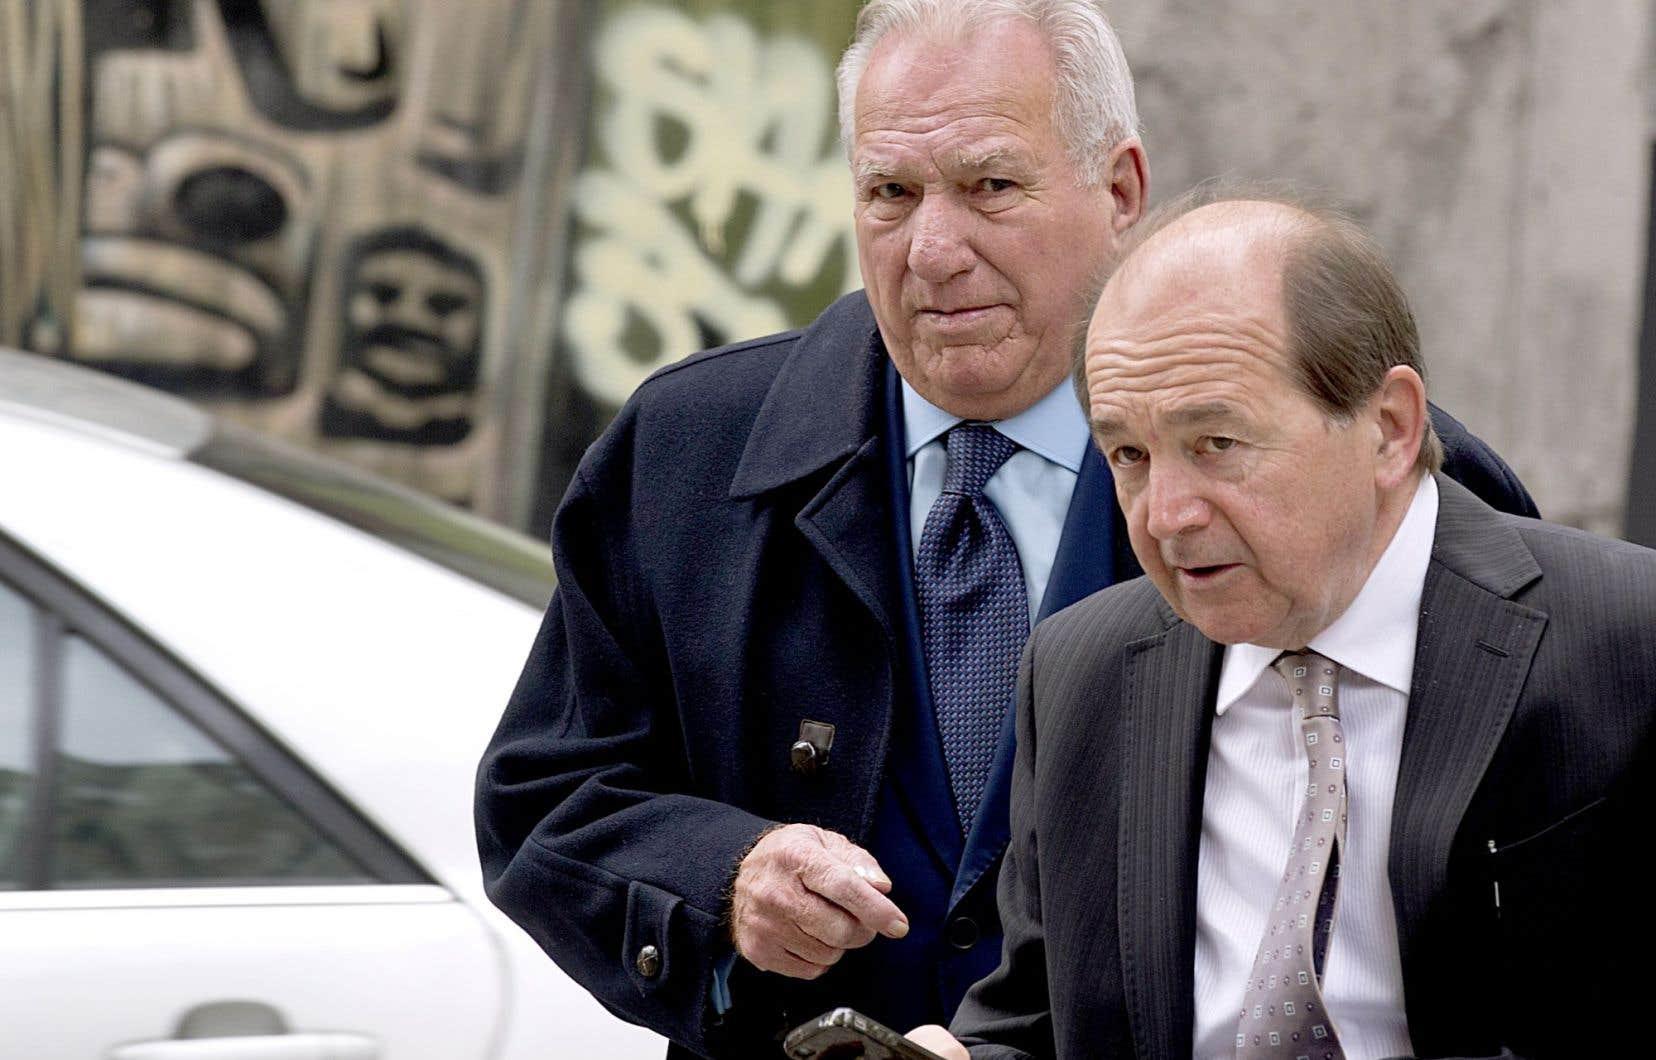 Bernard Trépanier (à gauche) et son avocat, Daniel Rock, avant la comparution du premier à la Commission Charbonneau